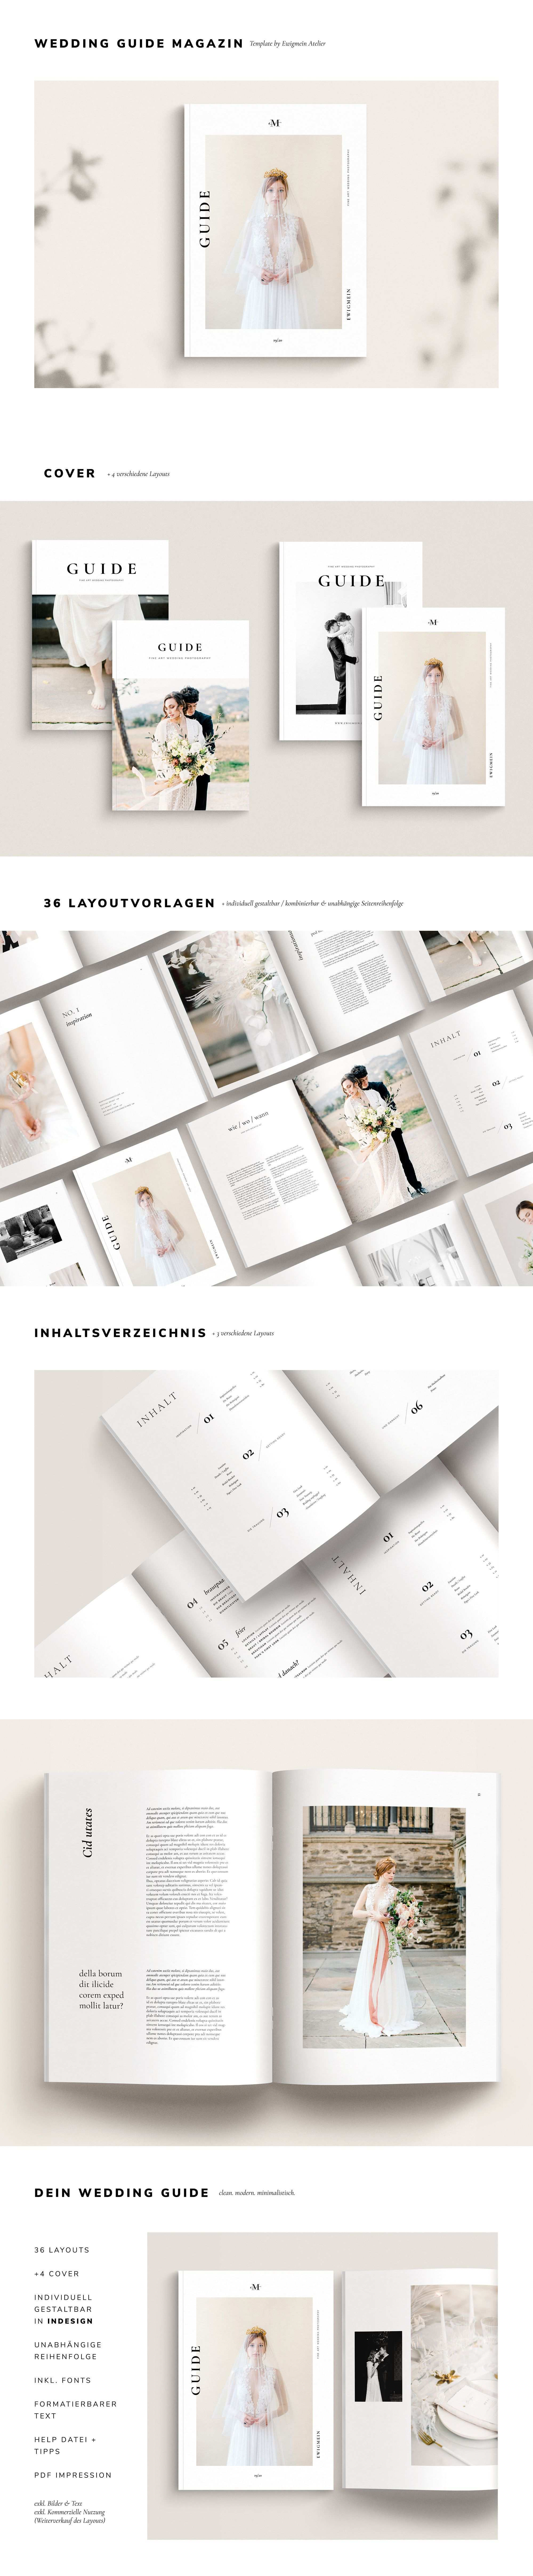 Wedding Guide Magazine Template Hochzeitsmagazin Vorlage Willkommenspaket Fur Hochzeitsfotografen Indesign Datei Instant Download In 2020 Wedding Magazine Template Wedding Guide Magazine Template